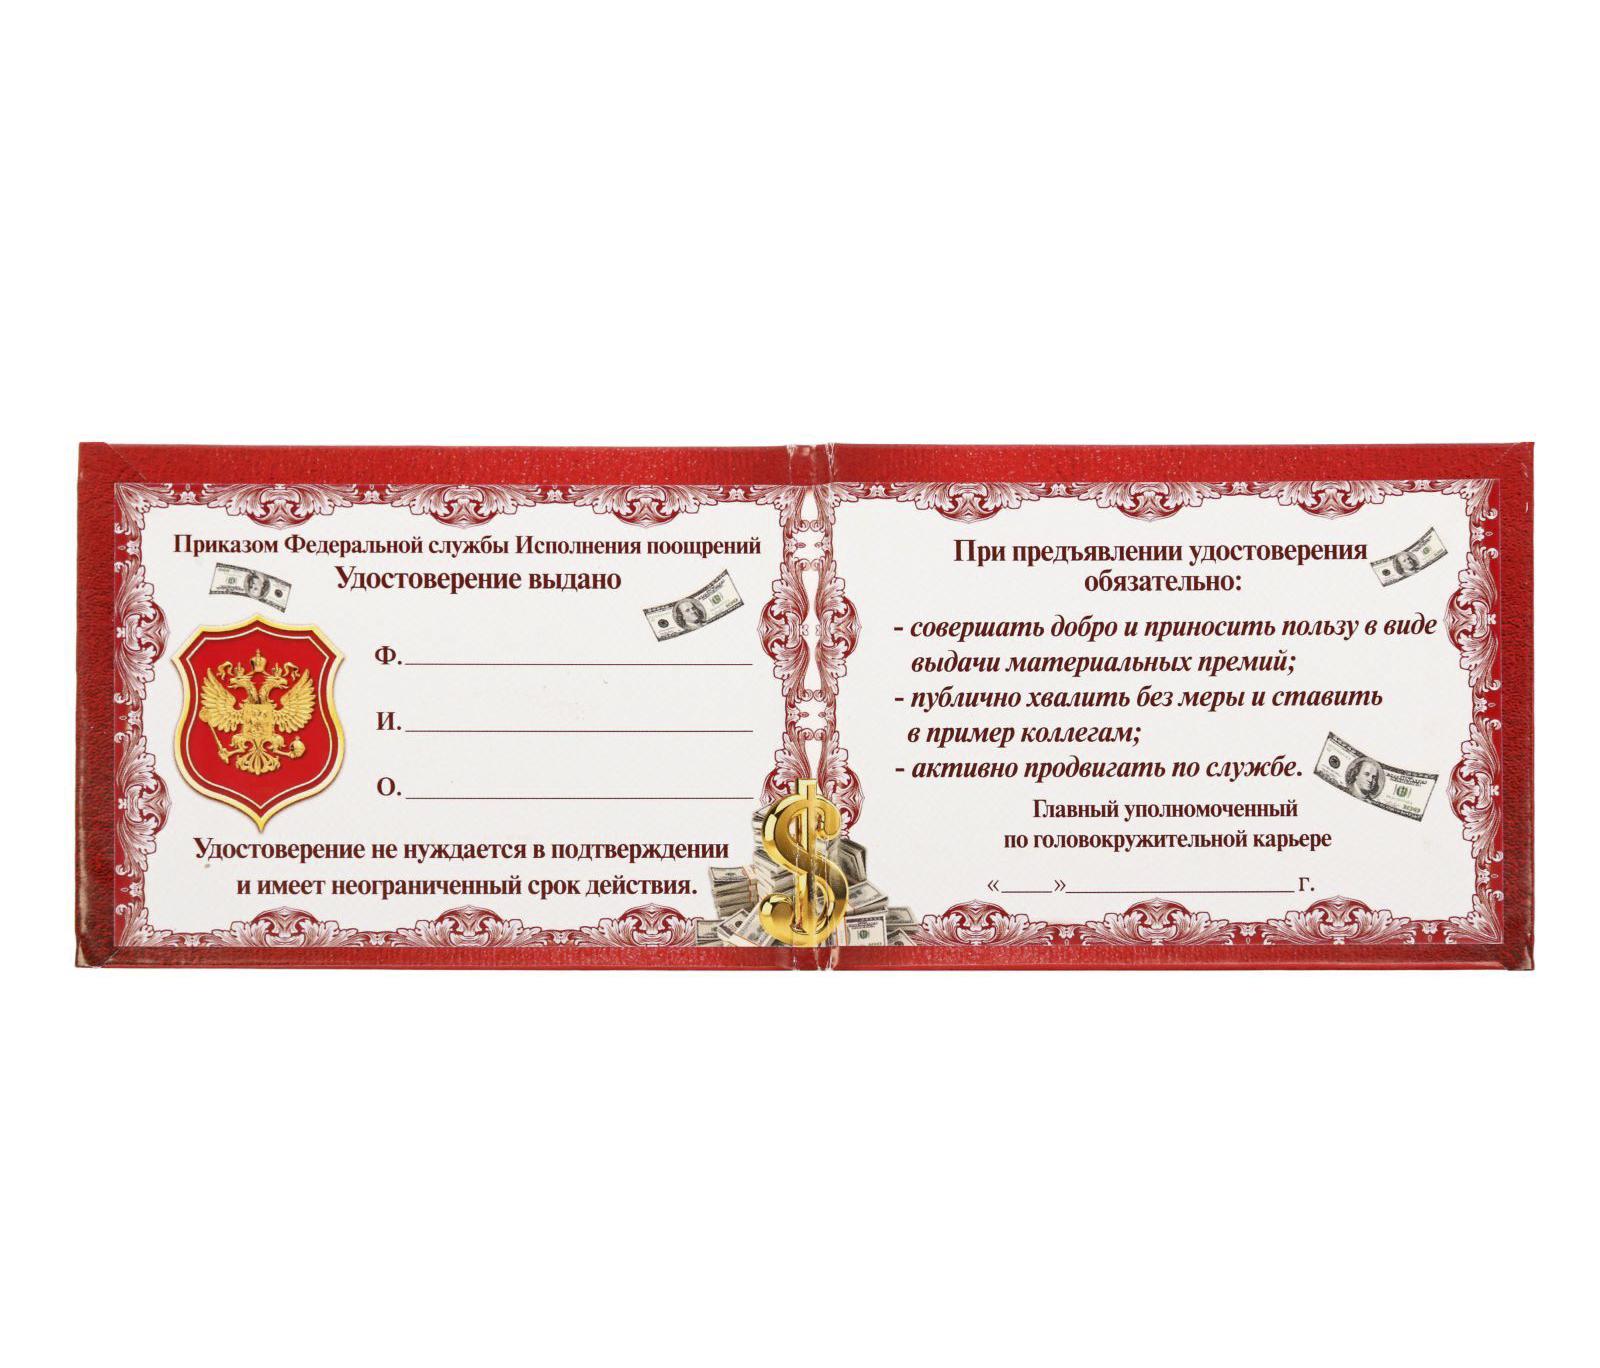 Прическа на удостоверение